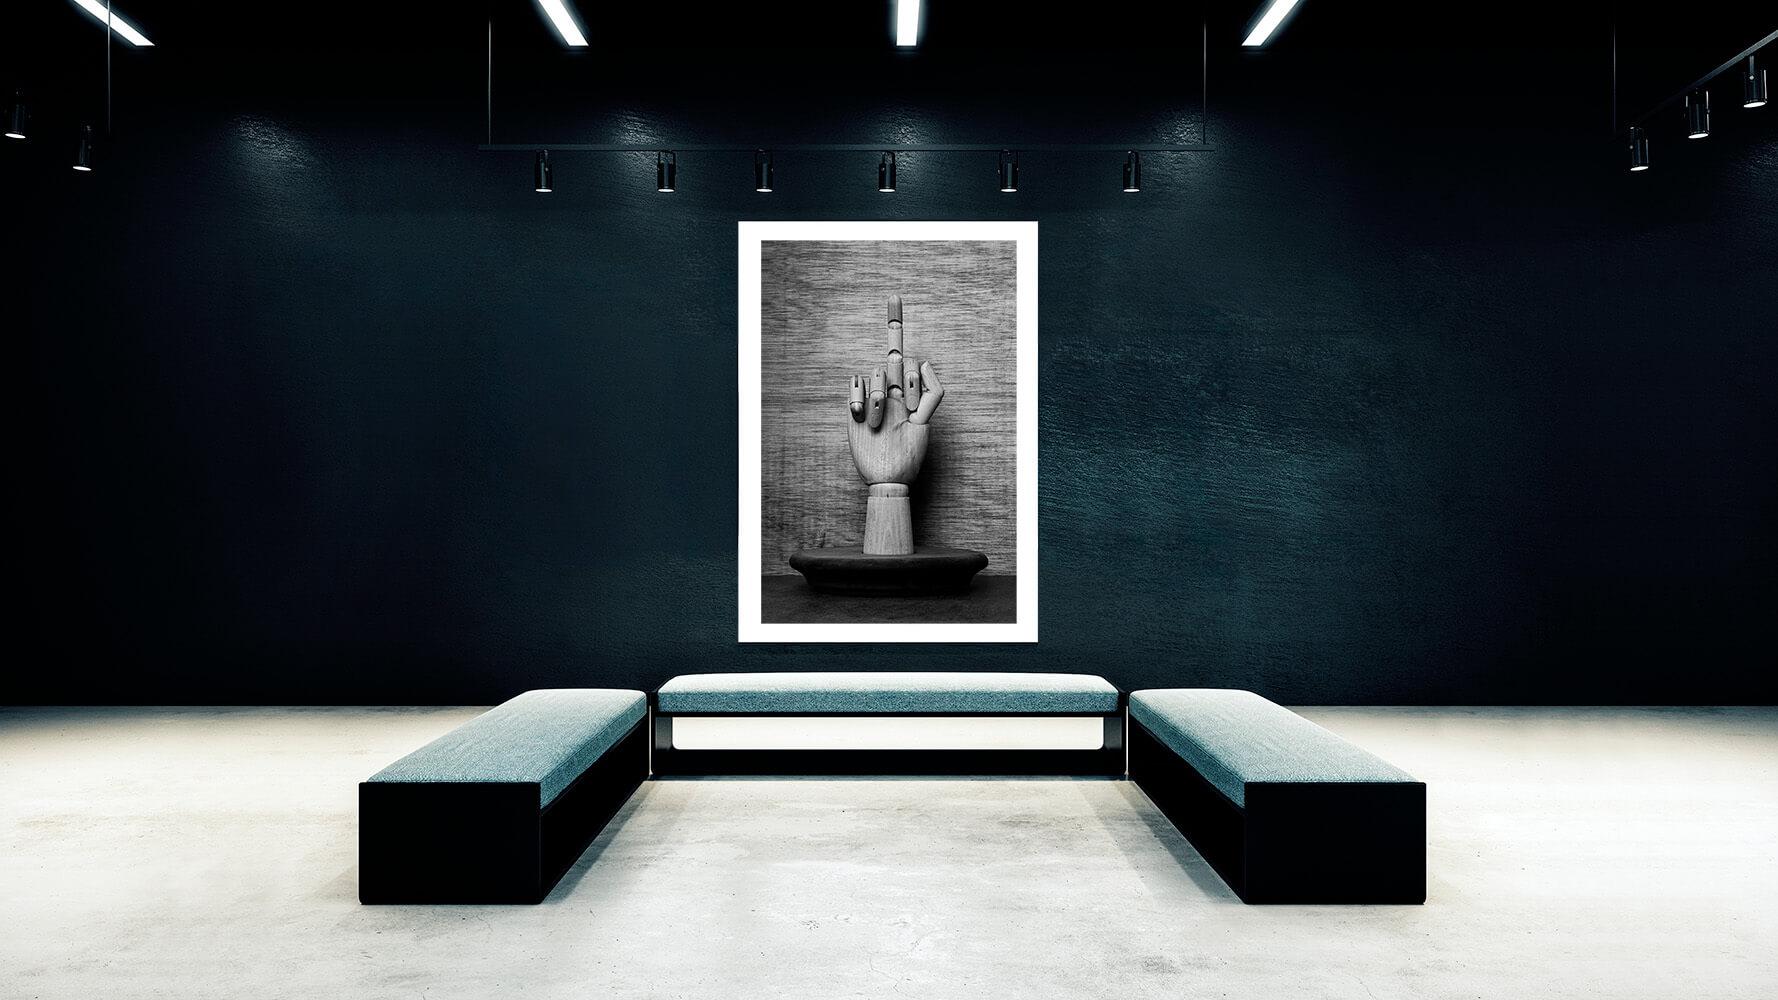 Viktor-van-der-lak-cool-exposicion-talk-to-me-Horno-Virtual-Gallery-galeria-arte-fotografia-artistica-edicion-limitada-decoracio